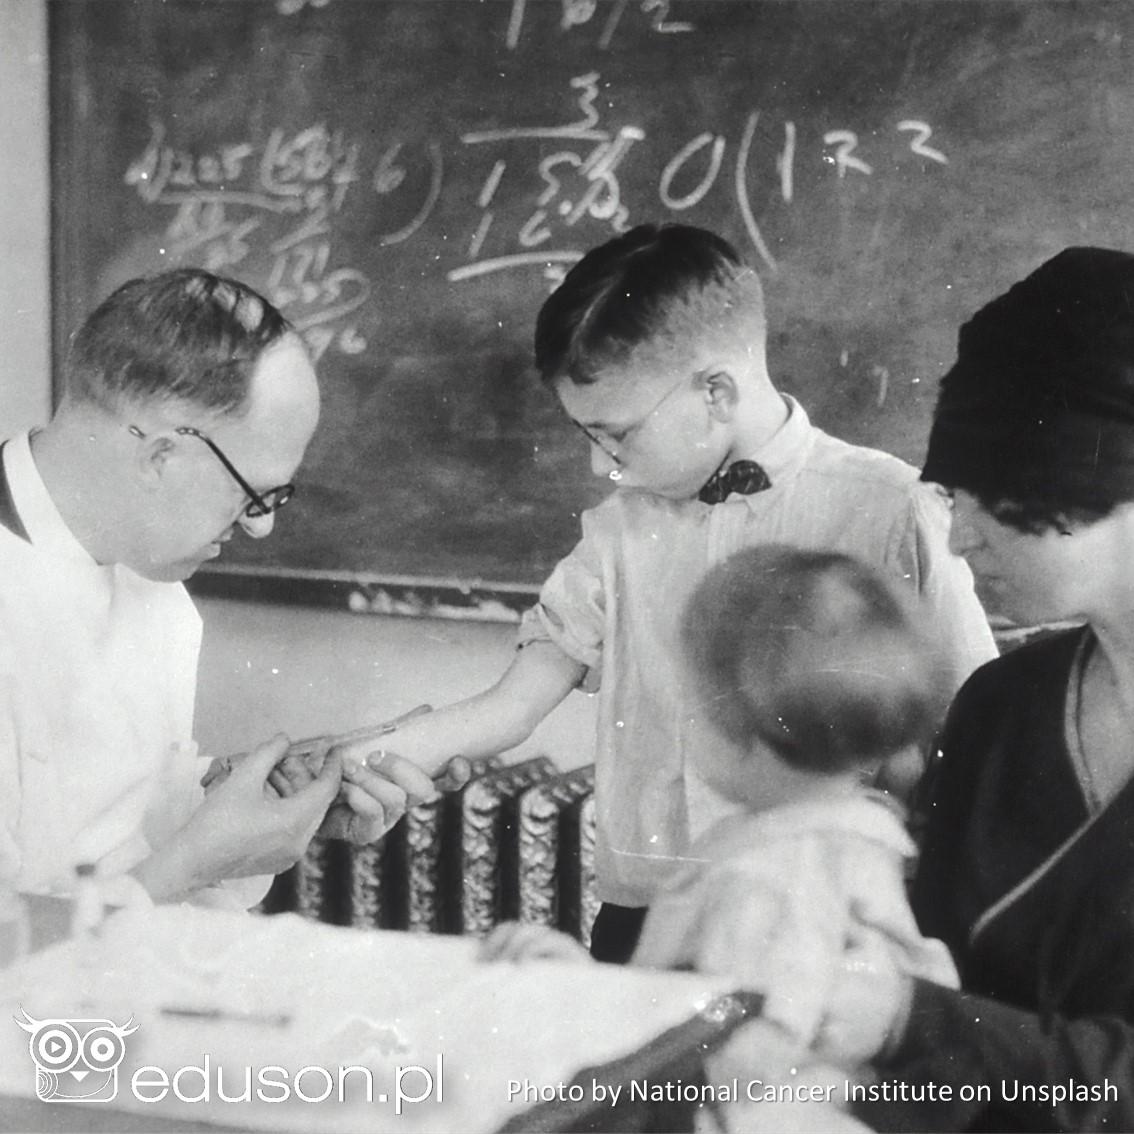 USG podczas szczepień i bilansów - fanaberia czy przyszłość?